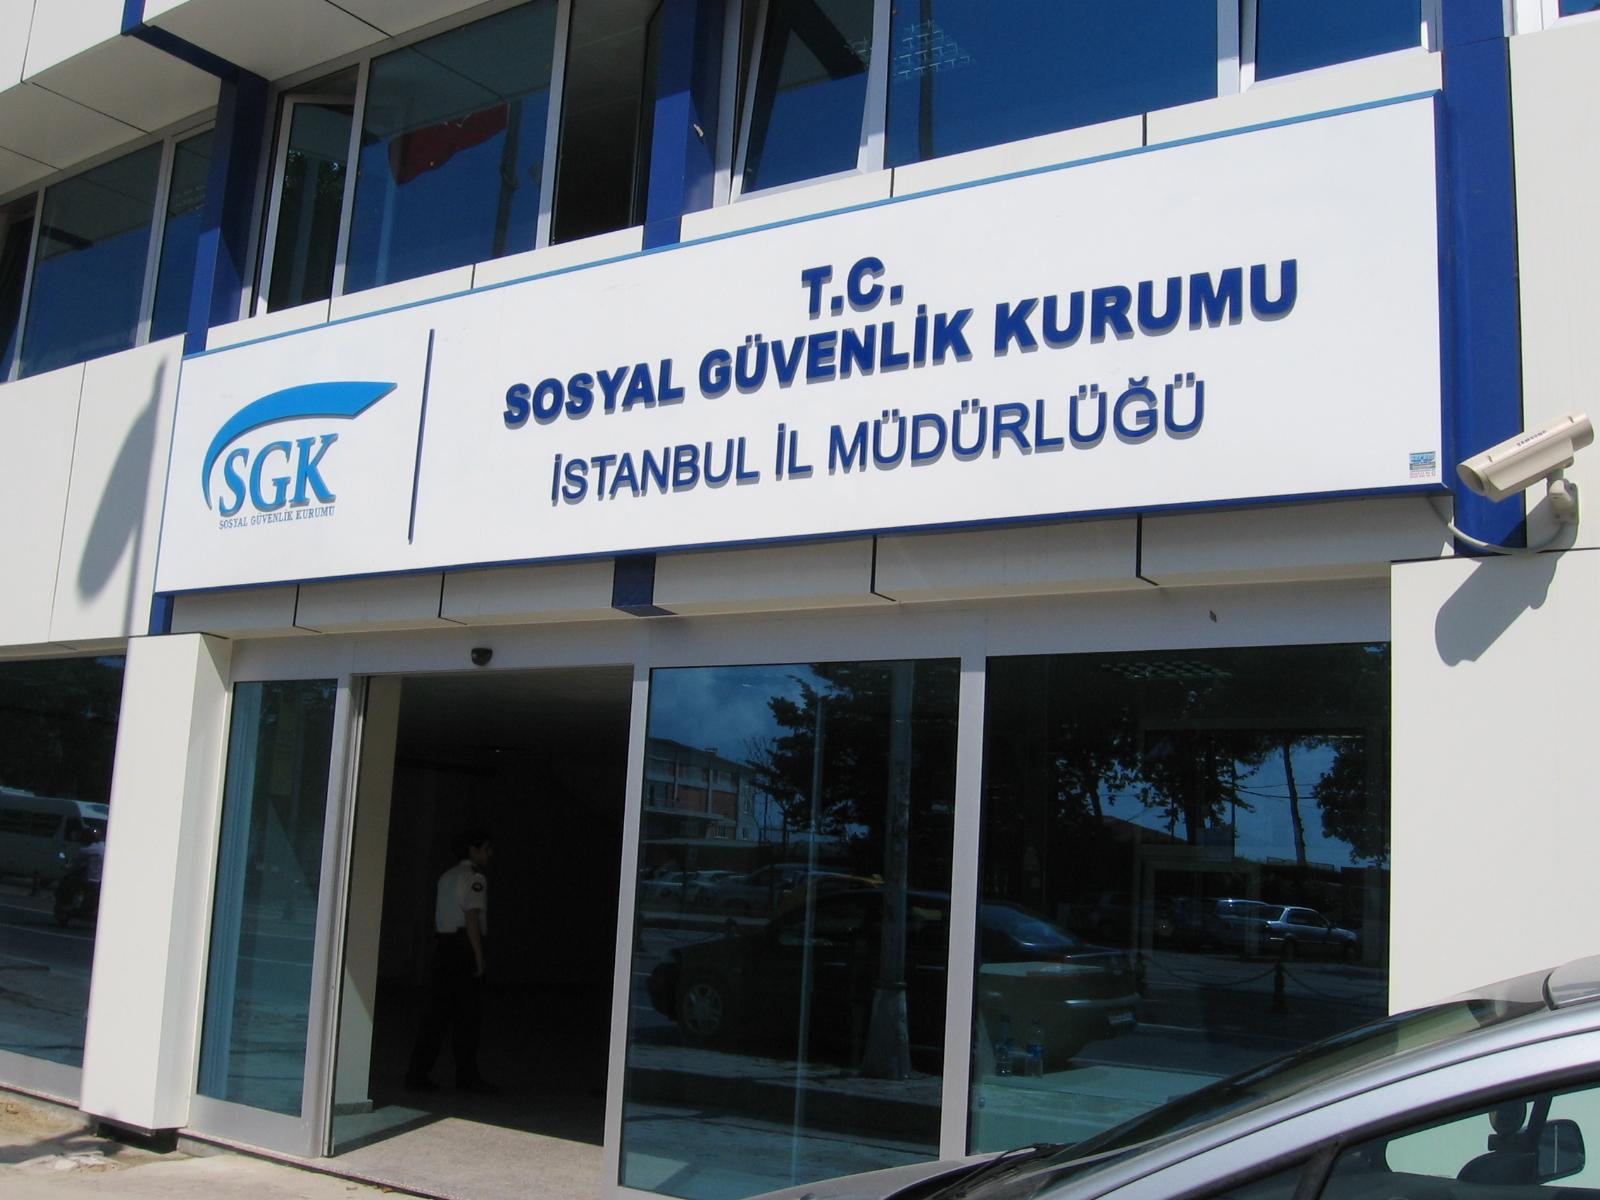 SGK İSTANBUL İL MD.LÜĞÜ